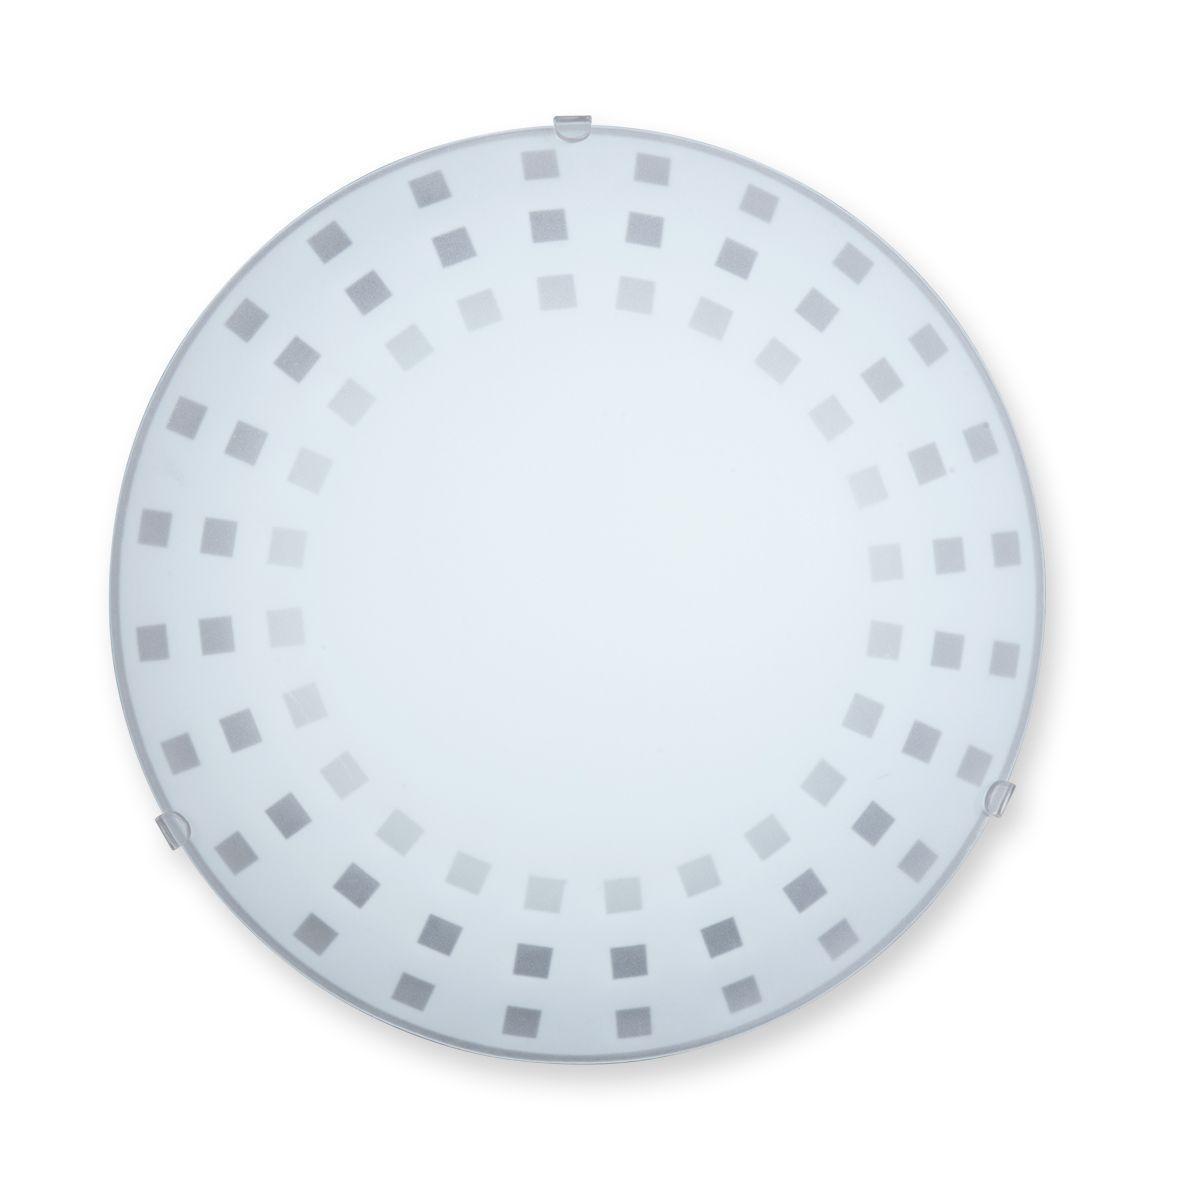 Настенно-потолочный светильник Vitaluce V6001/1A светильник настенно потолочный vitaluce linn v6001 1a 1х100вт е27 металл стекло